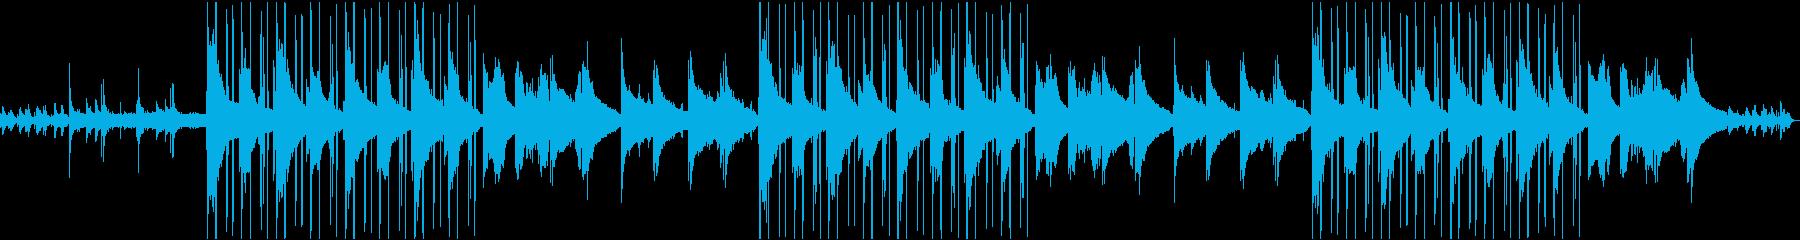 二人の時間。Lofi Hip Hopの再生済みの波形